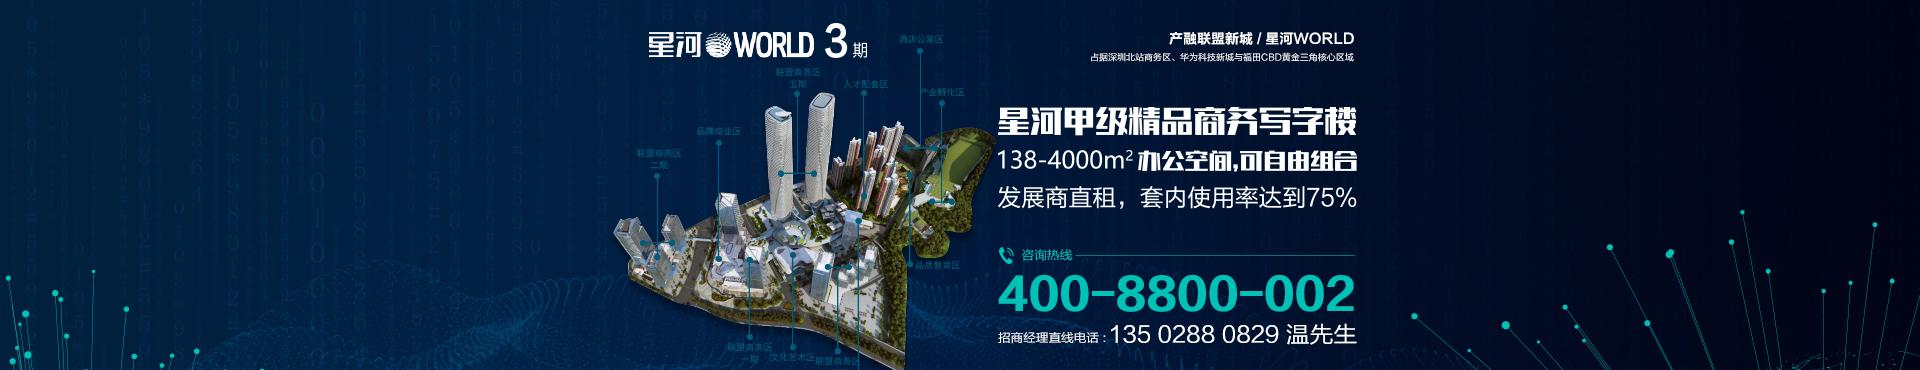 智能产业生态园